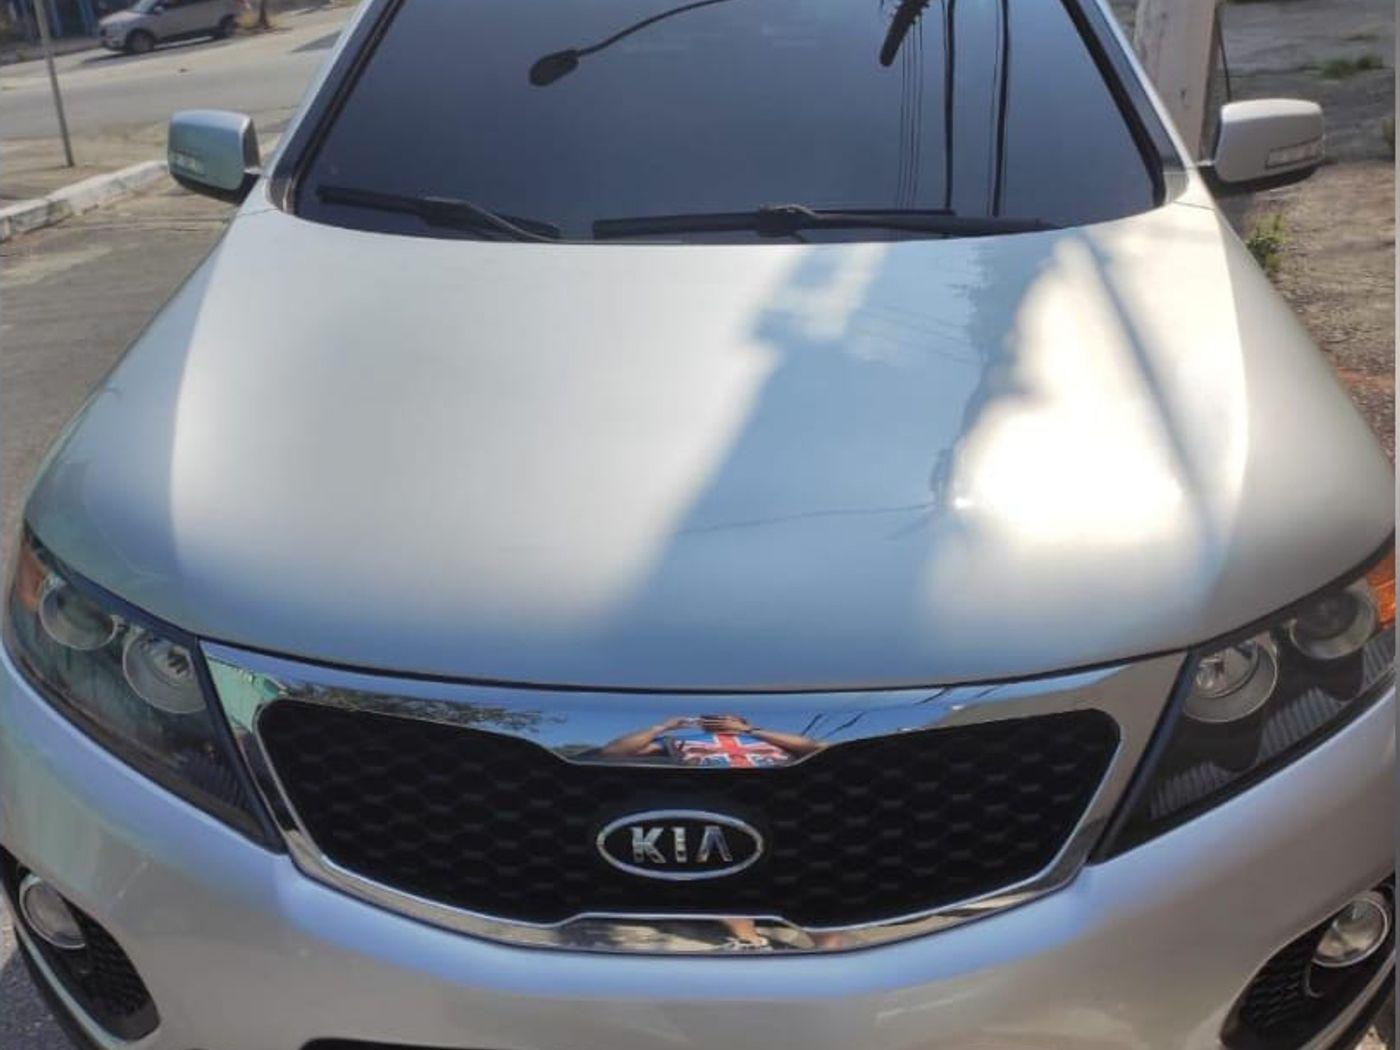 Kia Motors Sorento 2.4 16V 4x2 Aut.